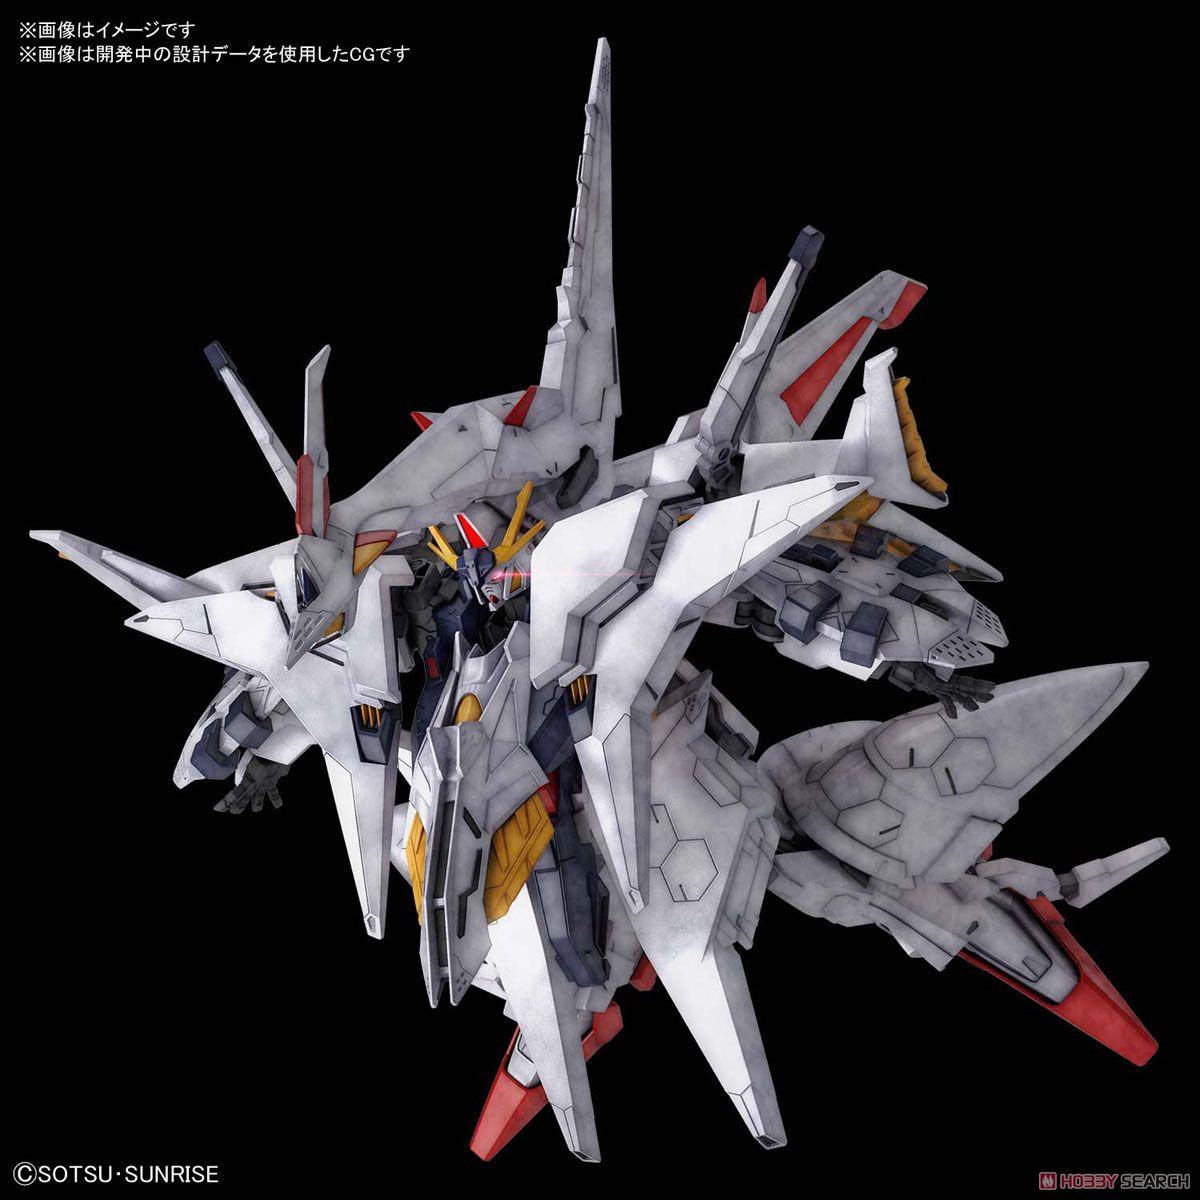 【再販】HGUC 1/144『ペーネロペー』機動戦士ガンダム 閃光のハサウェイ プラモデル-018